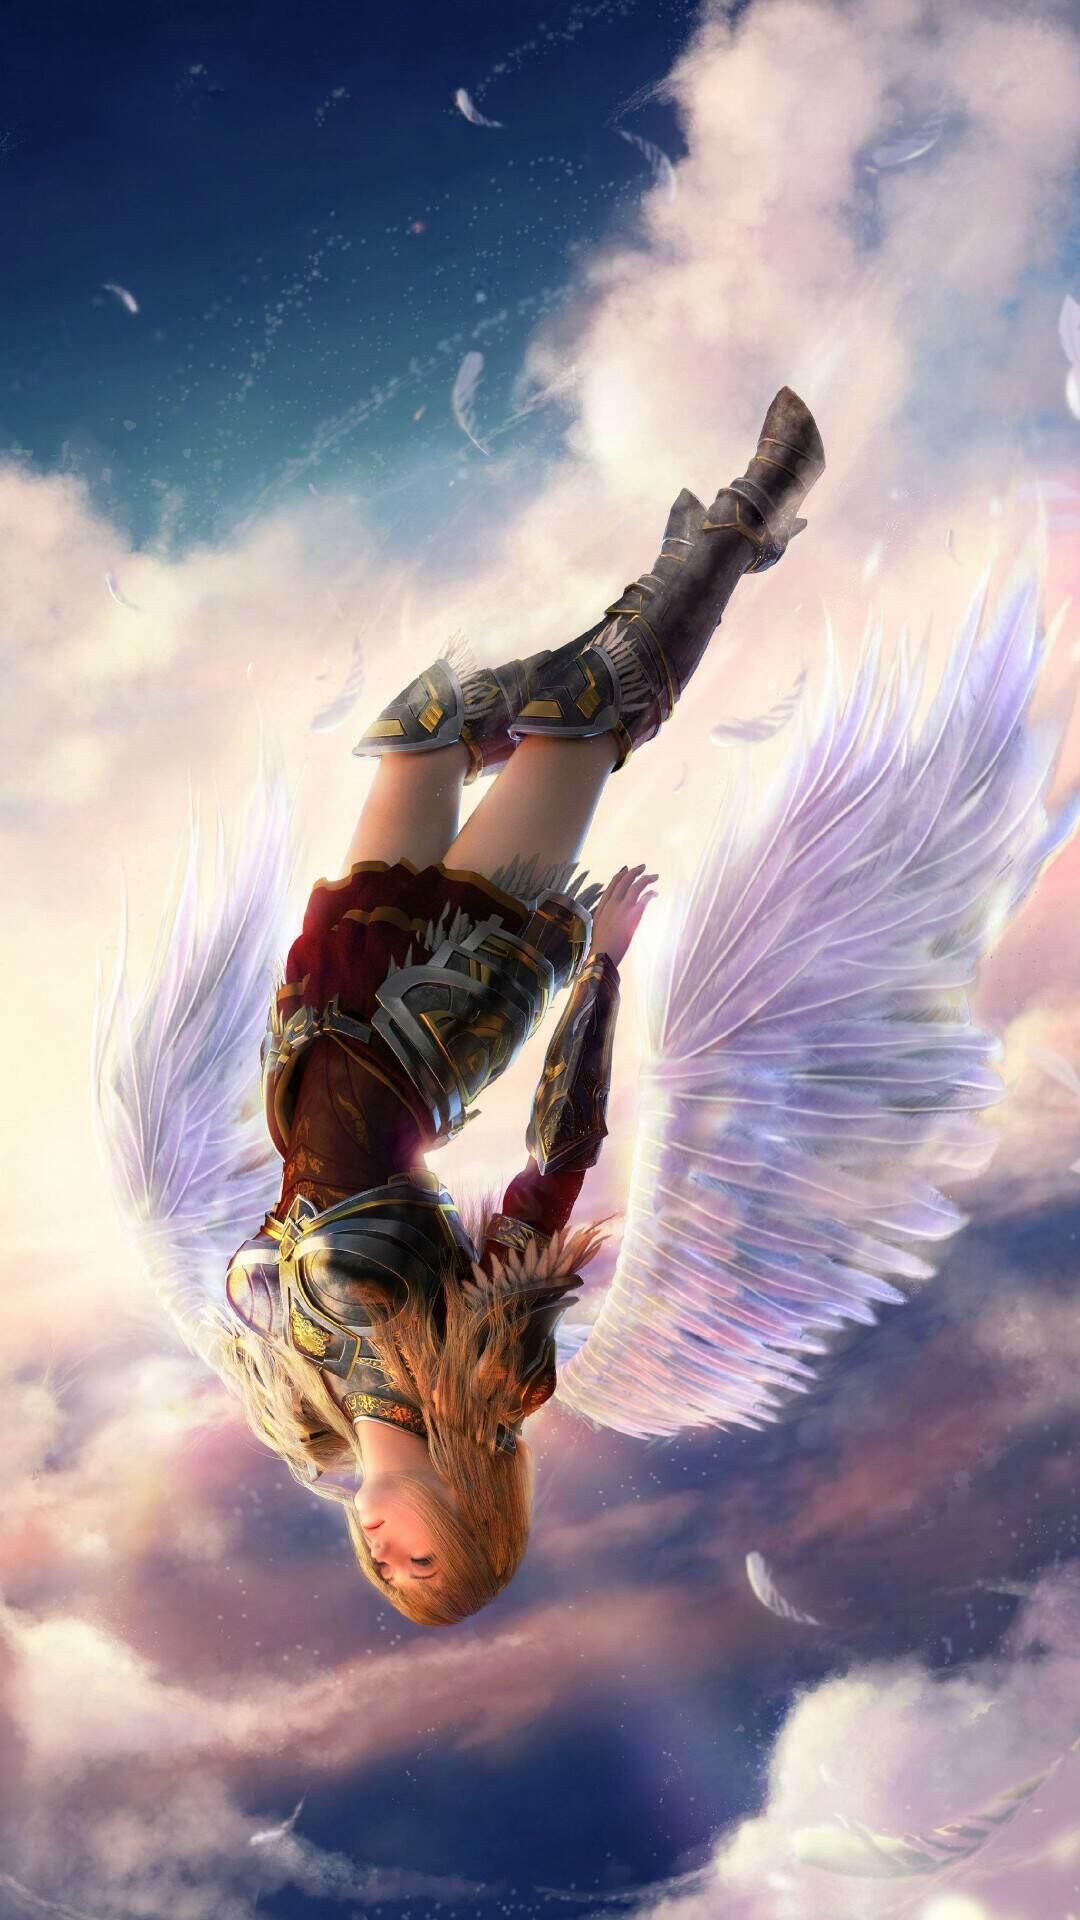 【图片】天使彦与雪谜城精美壁纸系列